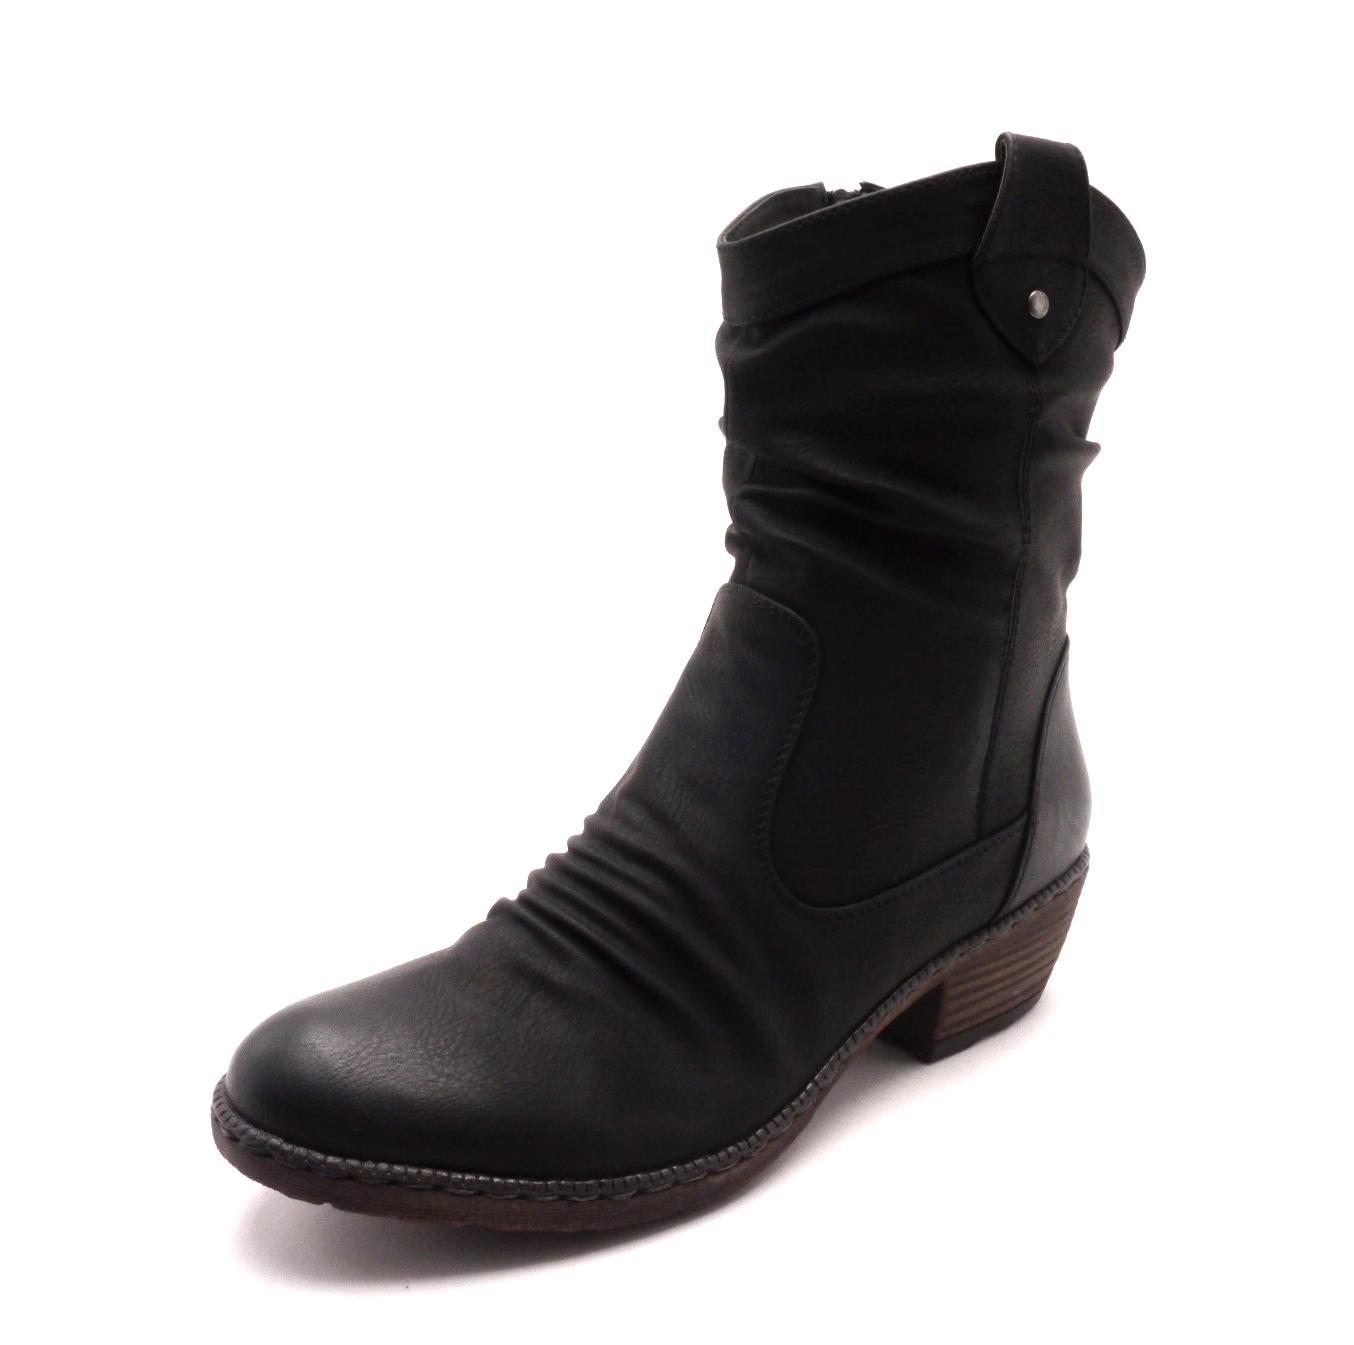 Rieker Dámská kotníková obuv 93770-01 Velikost: 37